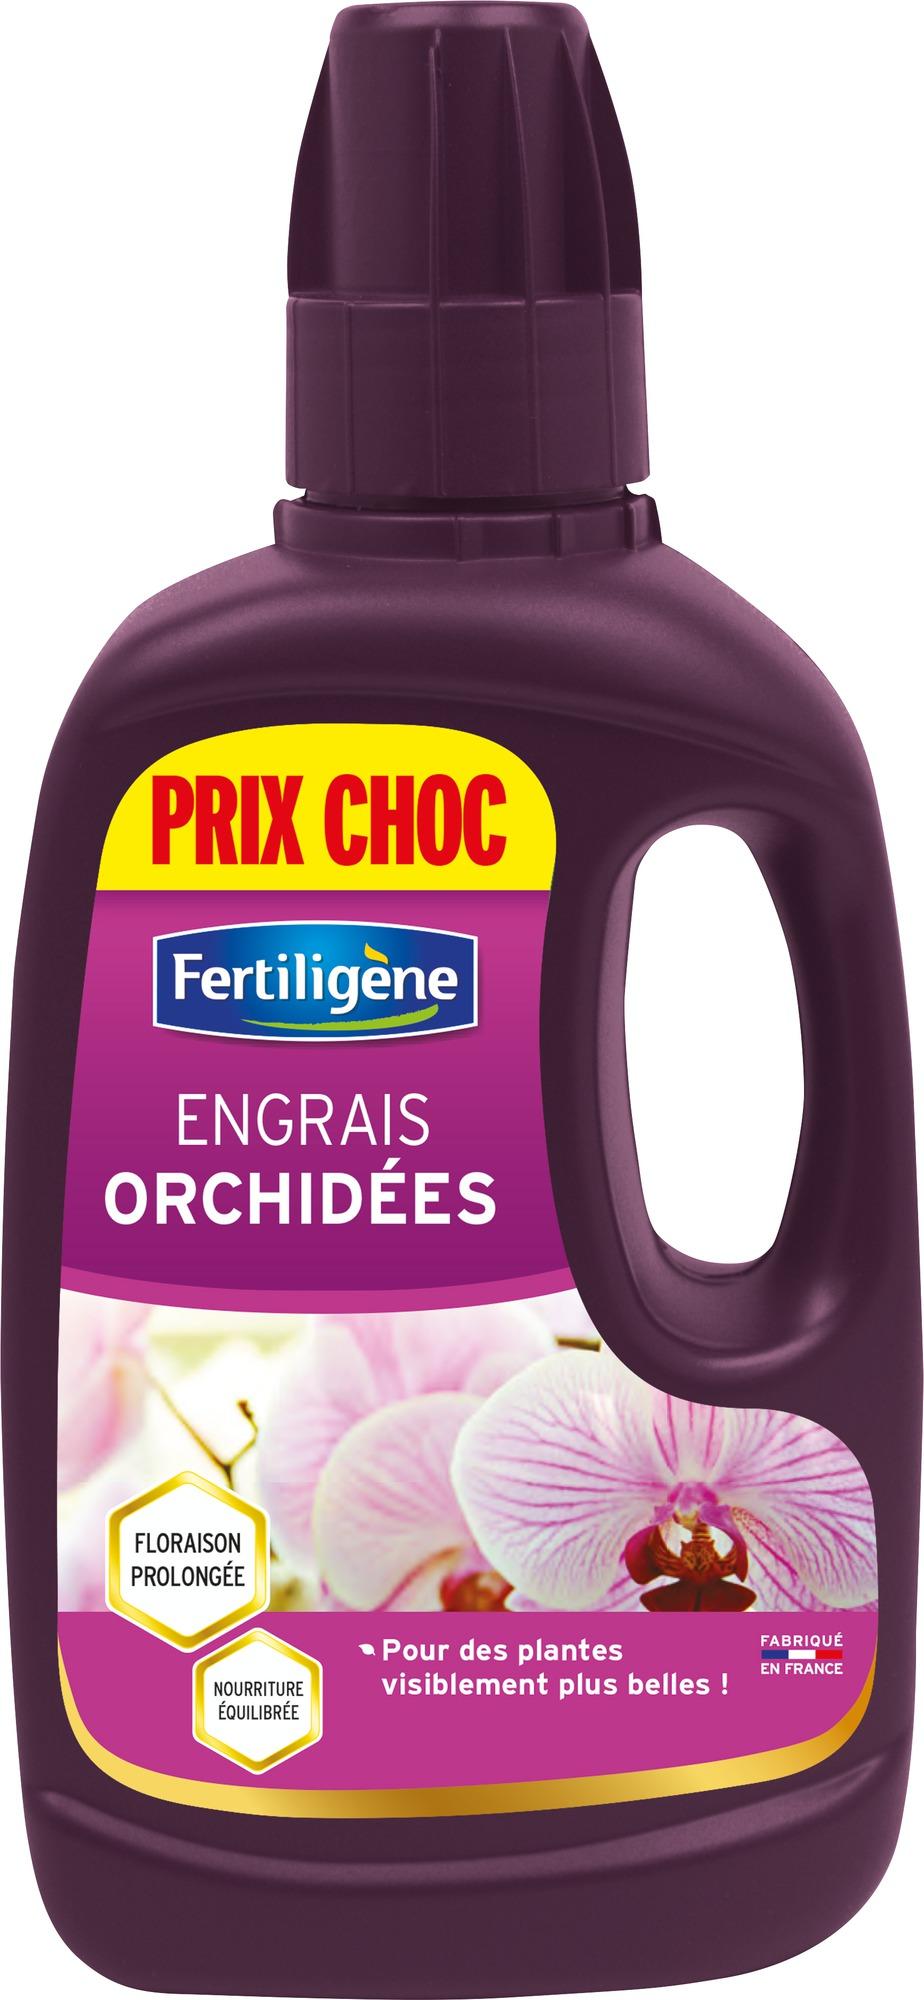 Engrais orchidées Fertiligène - 480 ml